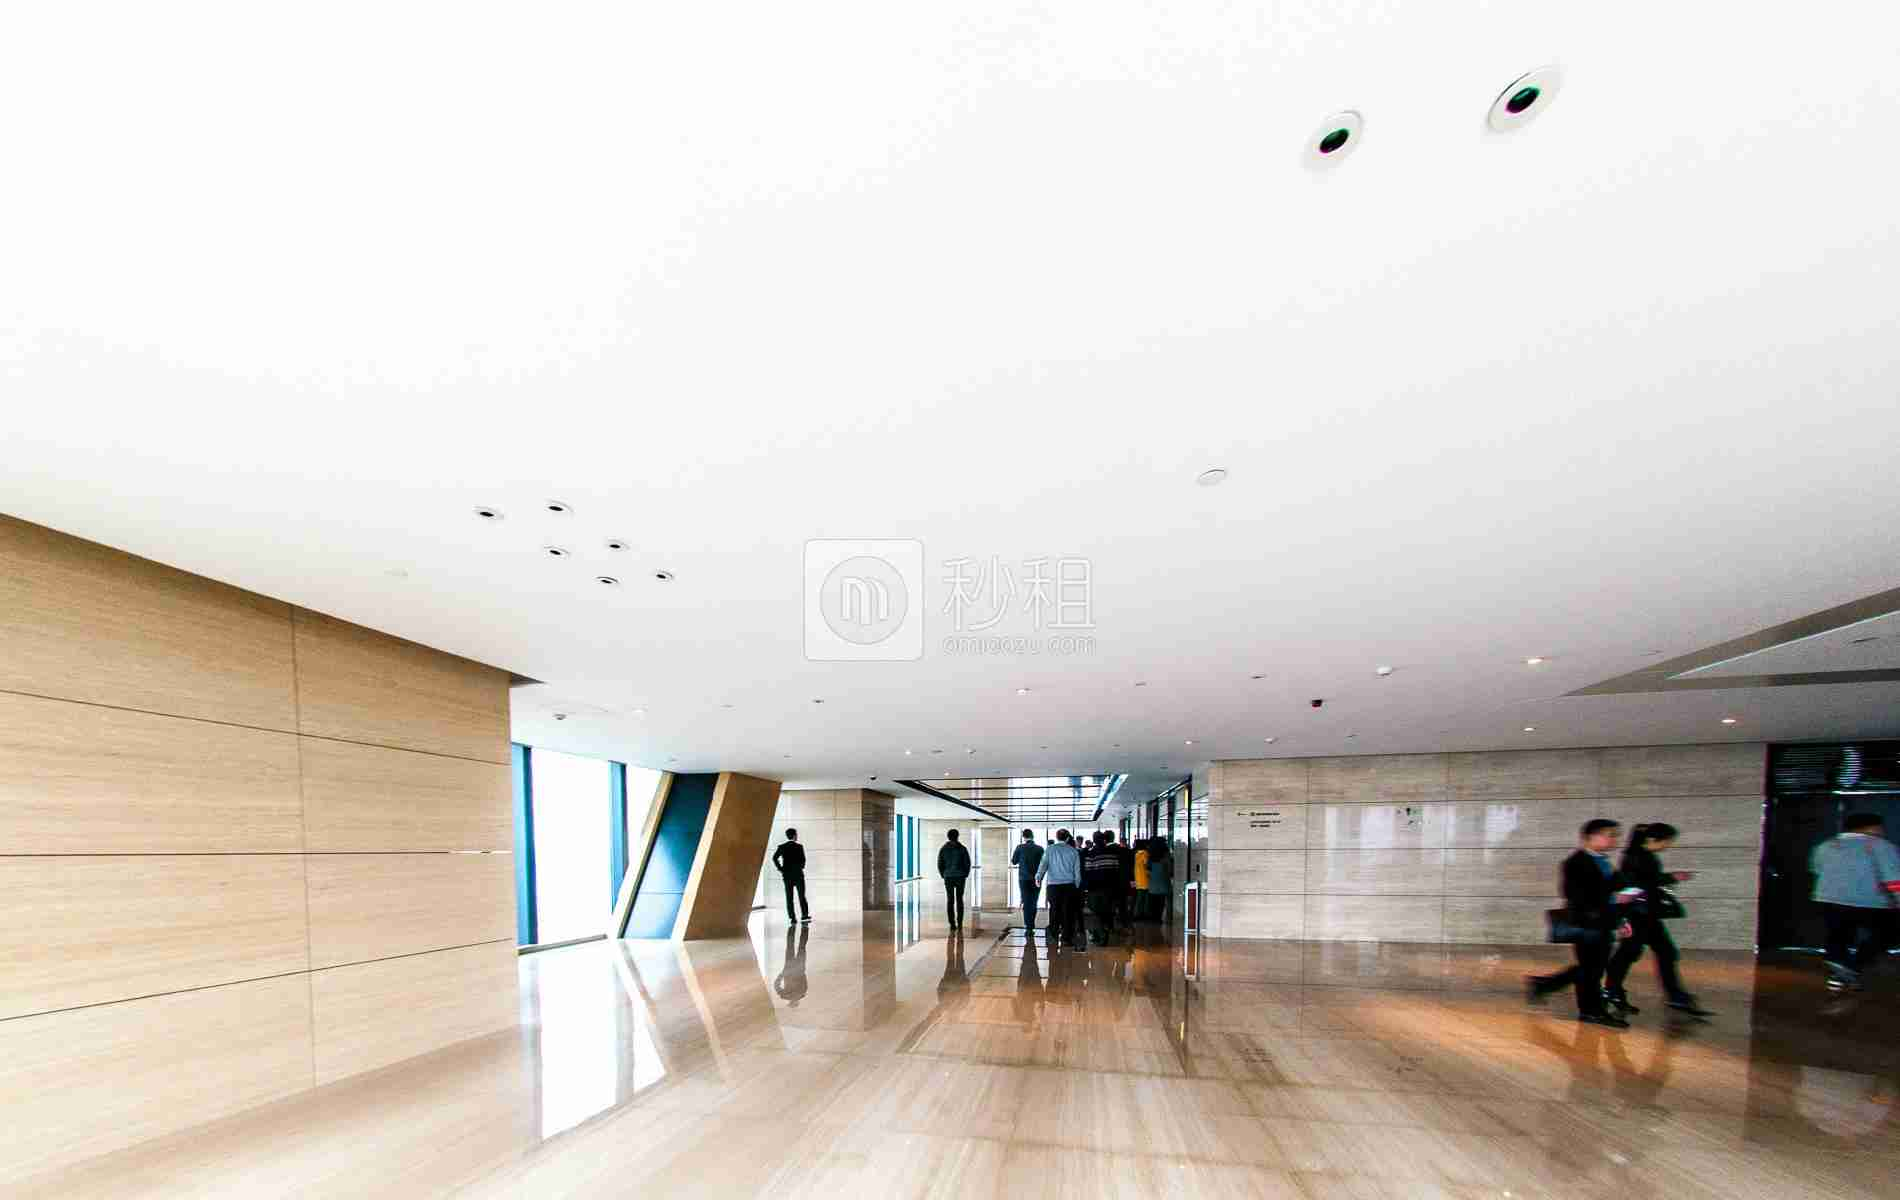 京基100大厦写字楼出租/招租/租赁,京基100大厦办公室出租/招租/租赁